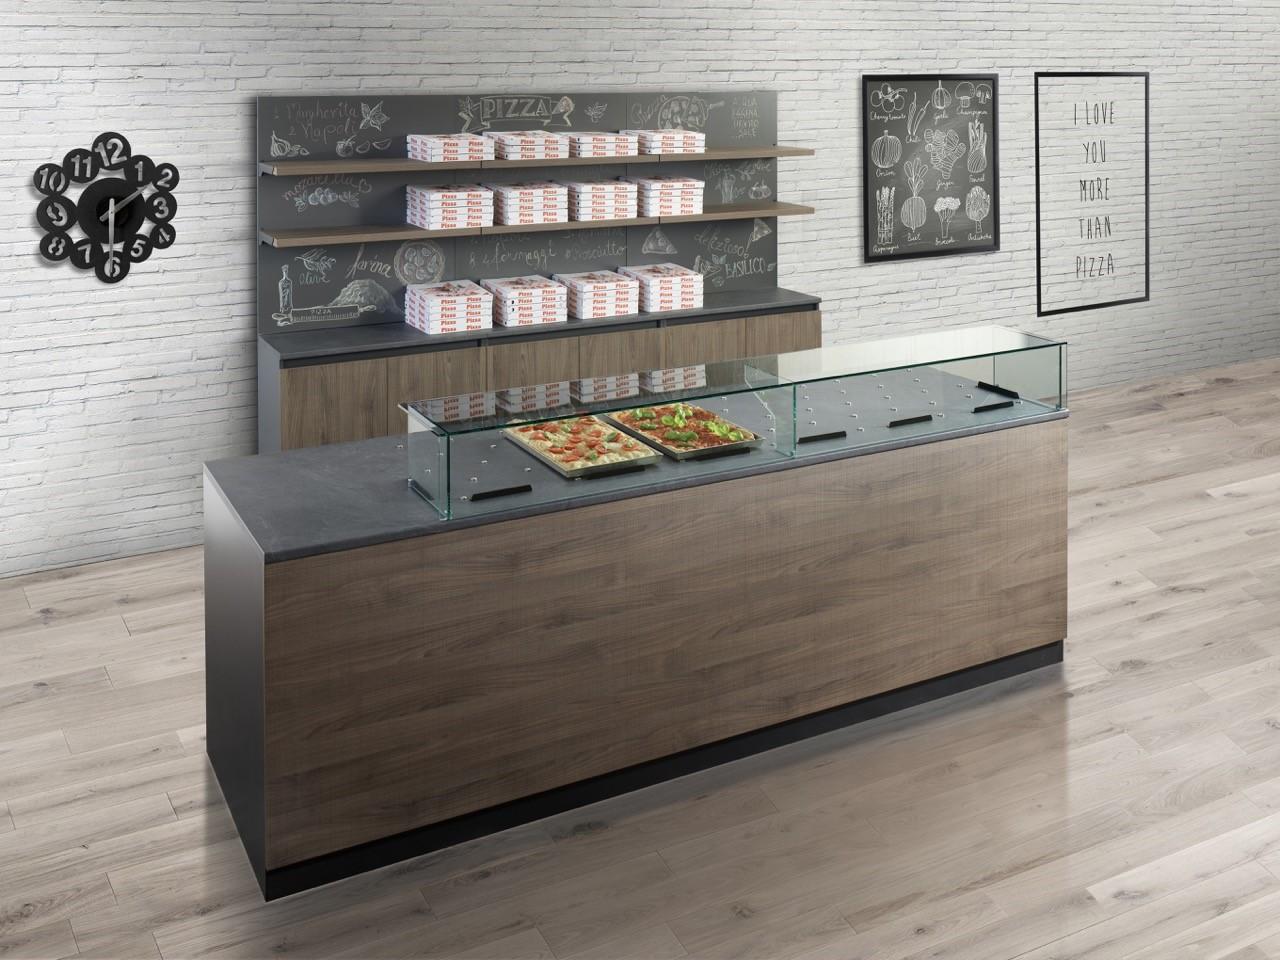 Bakerycafe - arredamenti per panetteria panificio bar caffetteria